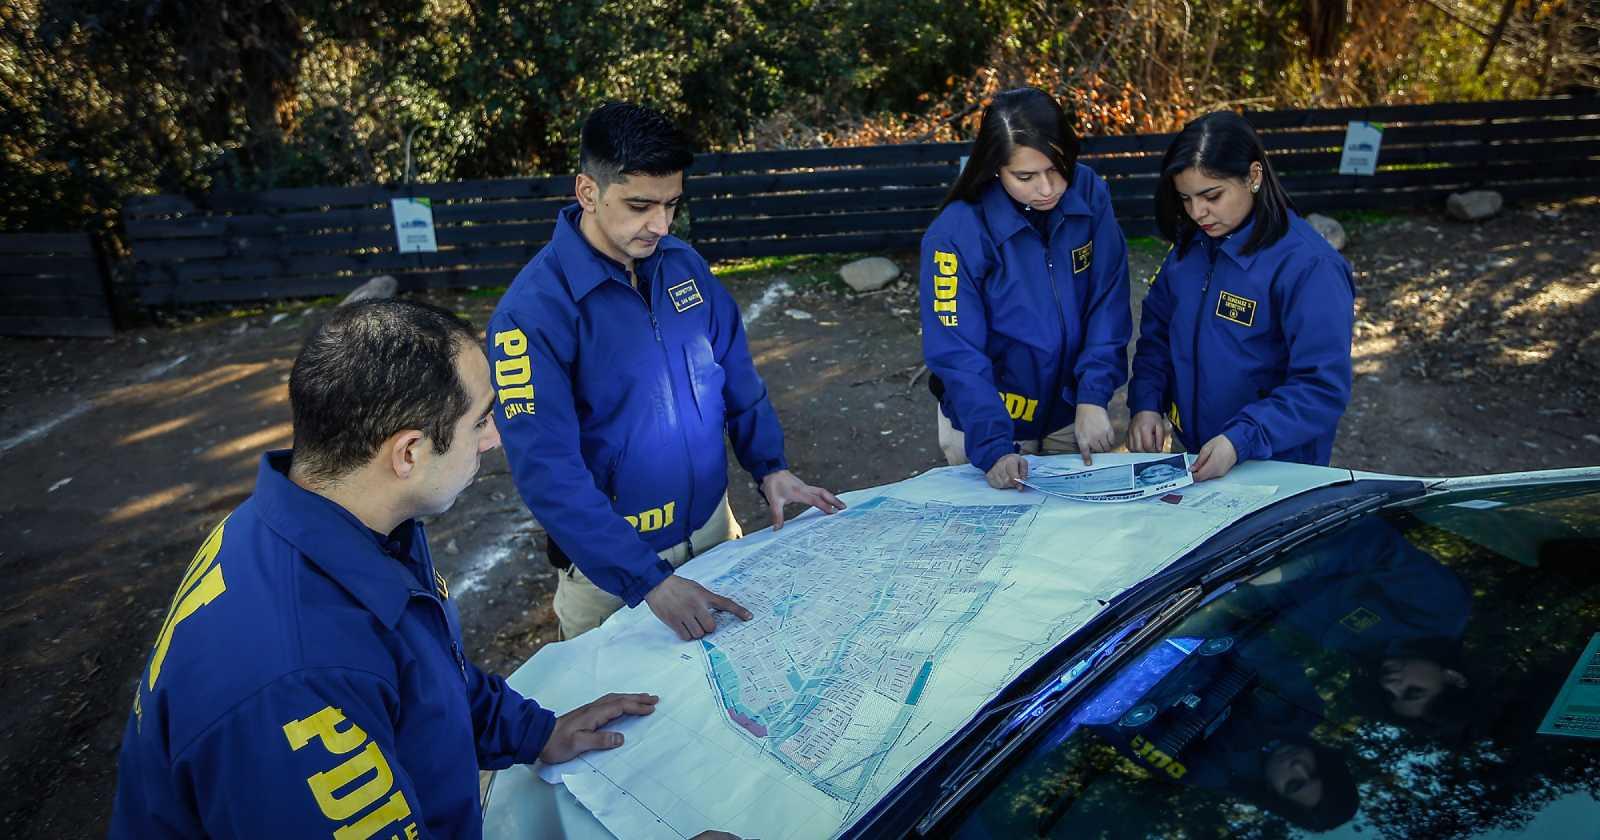 Encuentran con vida a adolescente que estaba desaparecida en Rancagua